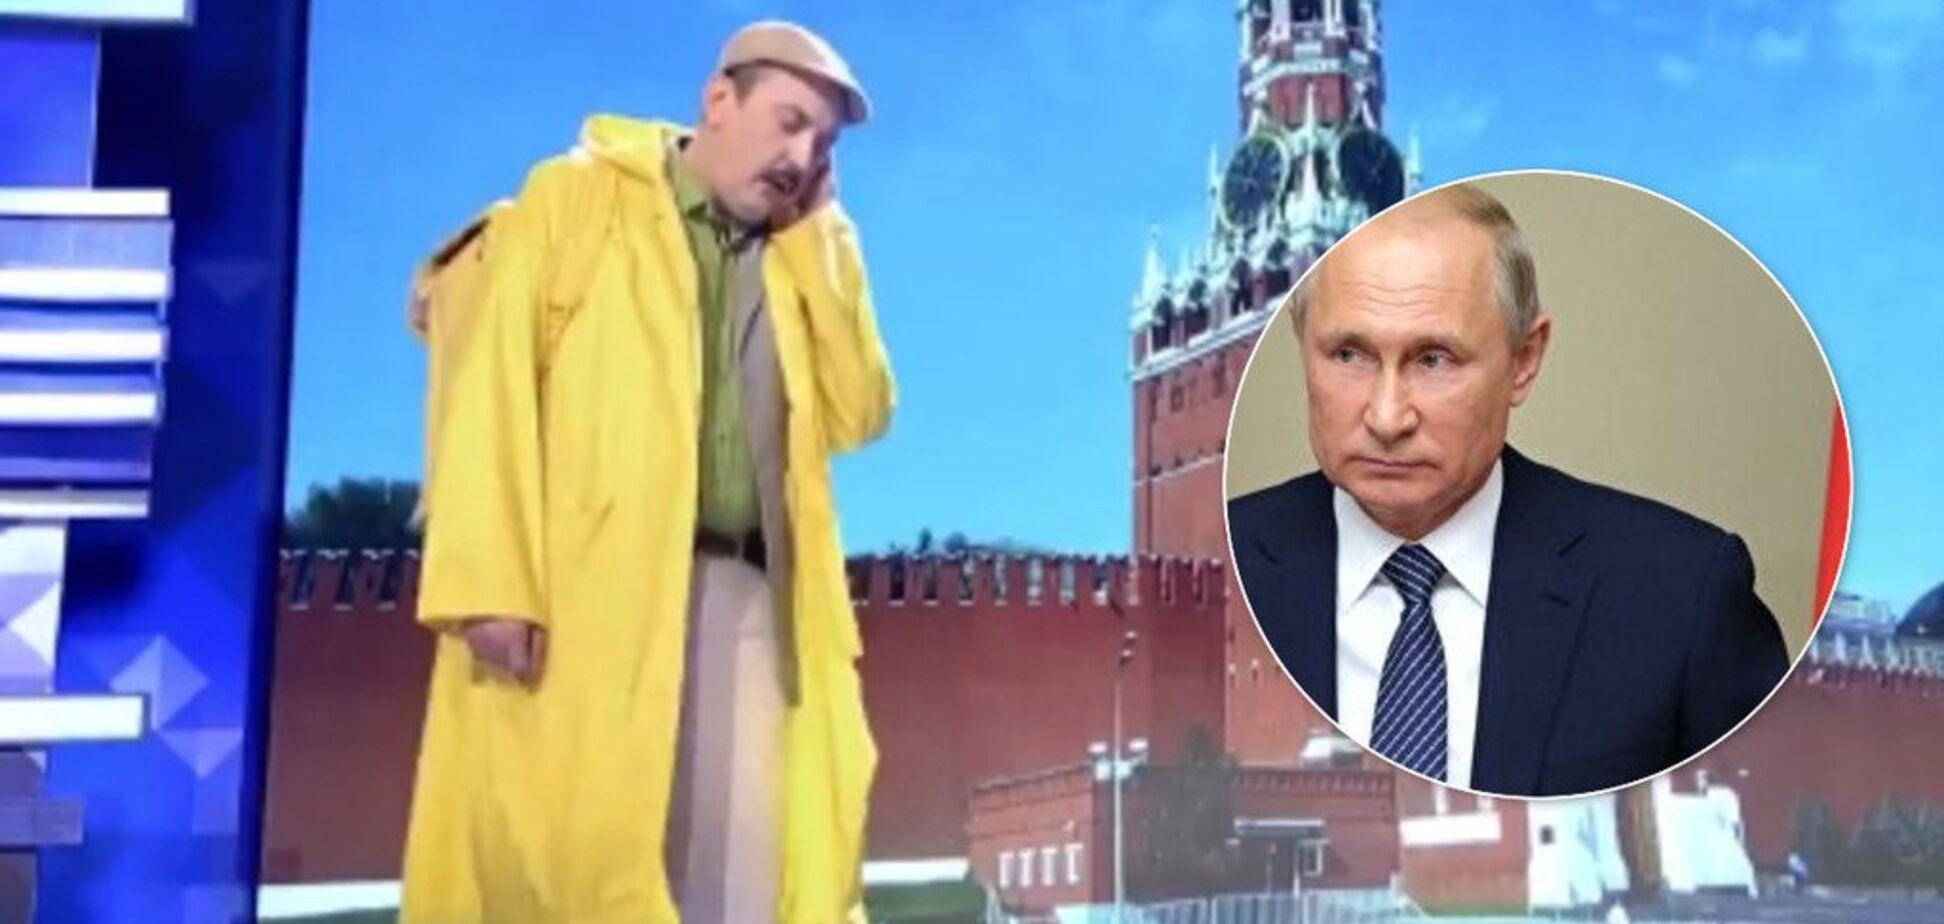 'Вы вместо Владимира?' Российские КВНщики высмеяли Путина и Медведева